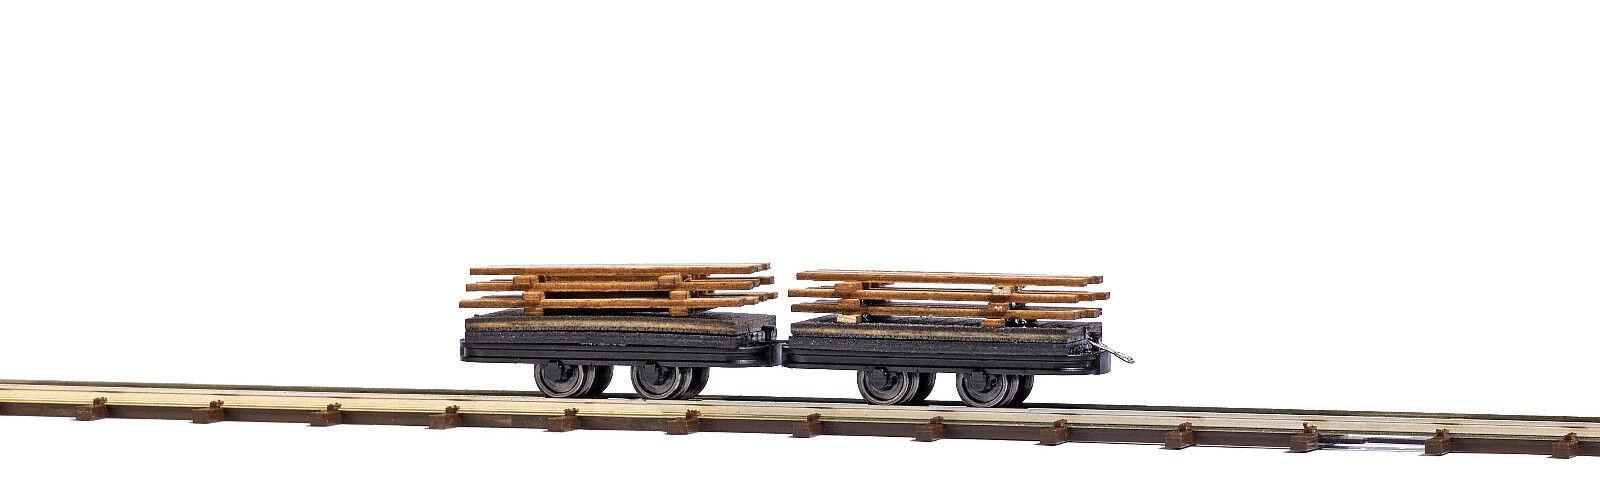 Busch 12218 DOS Vagón con bretterladung, modelo 1 87 (H0) (H0) (H0) 98511a